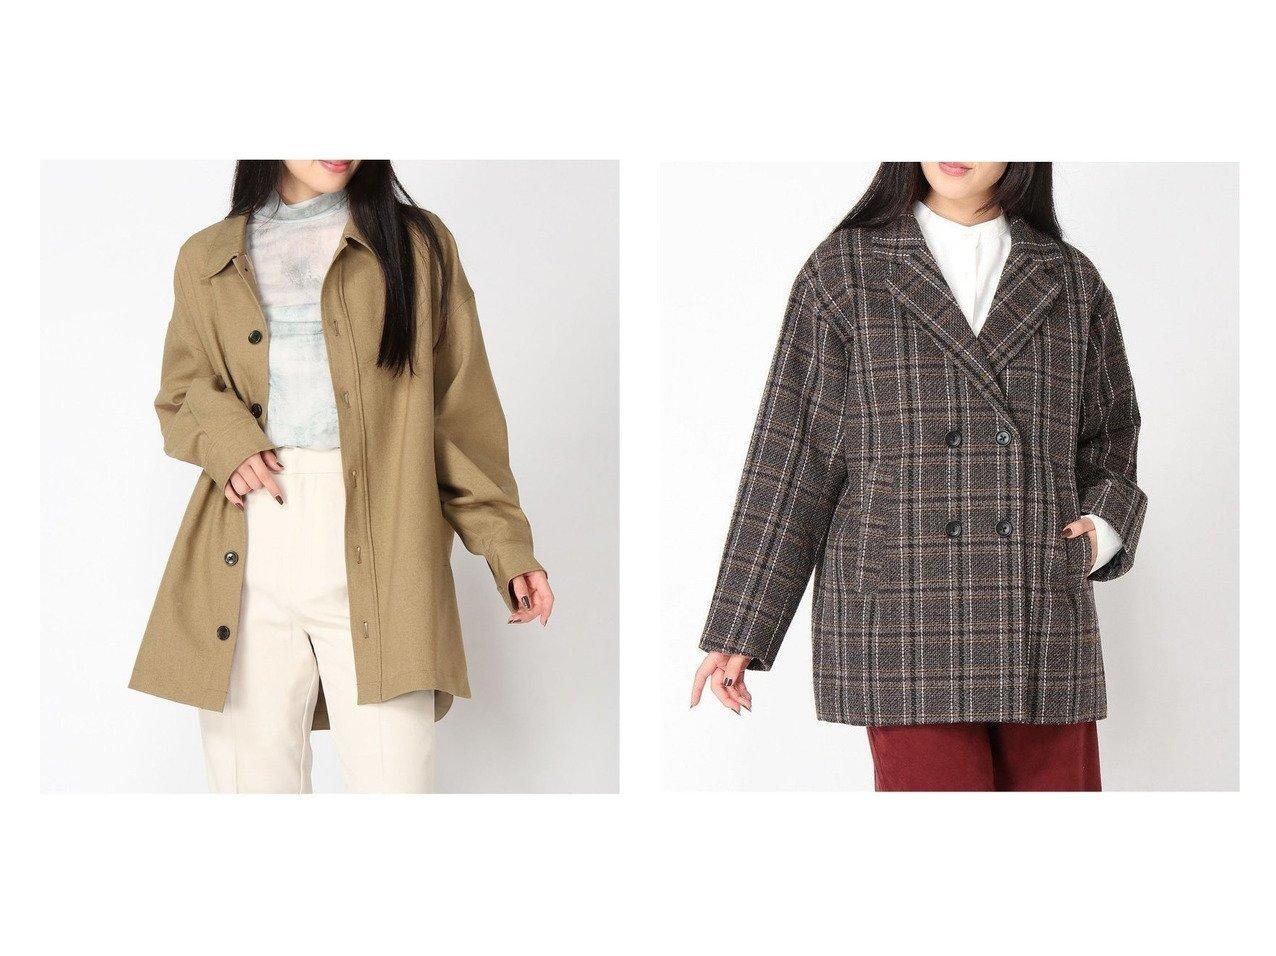 【LOWRYS FARM/ローリーズファーム】のメランジツイルウシロタックJK&ツィードチェックダブルJK おすすめ!人気、トレンド・レディースファッションの通販 おすすめで人気の流行・トレンド、ファッションの通販商品 インテリア・家具・メンズファッション・キッズファッション・レディースファッション・服の通販 founy(ファニー) https://founy.com/ ファッション Fashion レディースファッション WOMEN アウター Coat Outerwear コート Coats ジャケット Jackets NEW・新作・新着・新入荷 New Arrivals インナー ジャケット ダウン ダブル チェック ツイード デニム ハイネック ボトム ヴィンテージ 秋 Autumn/Fall |ID:crp329100000071073